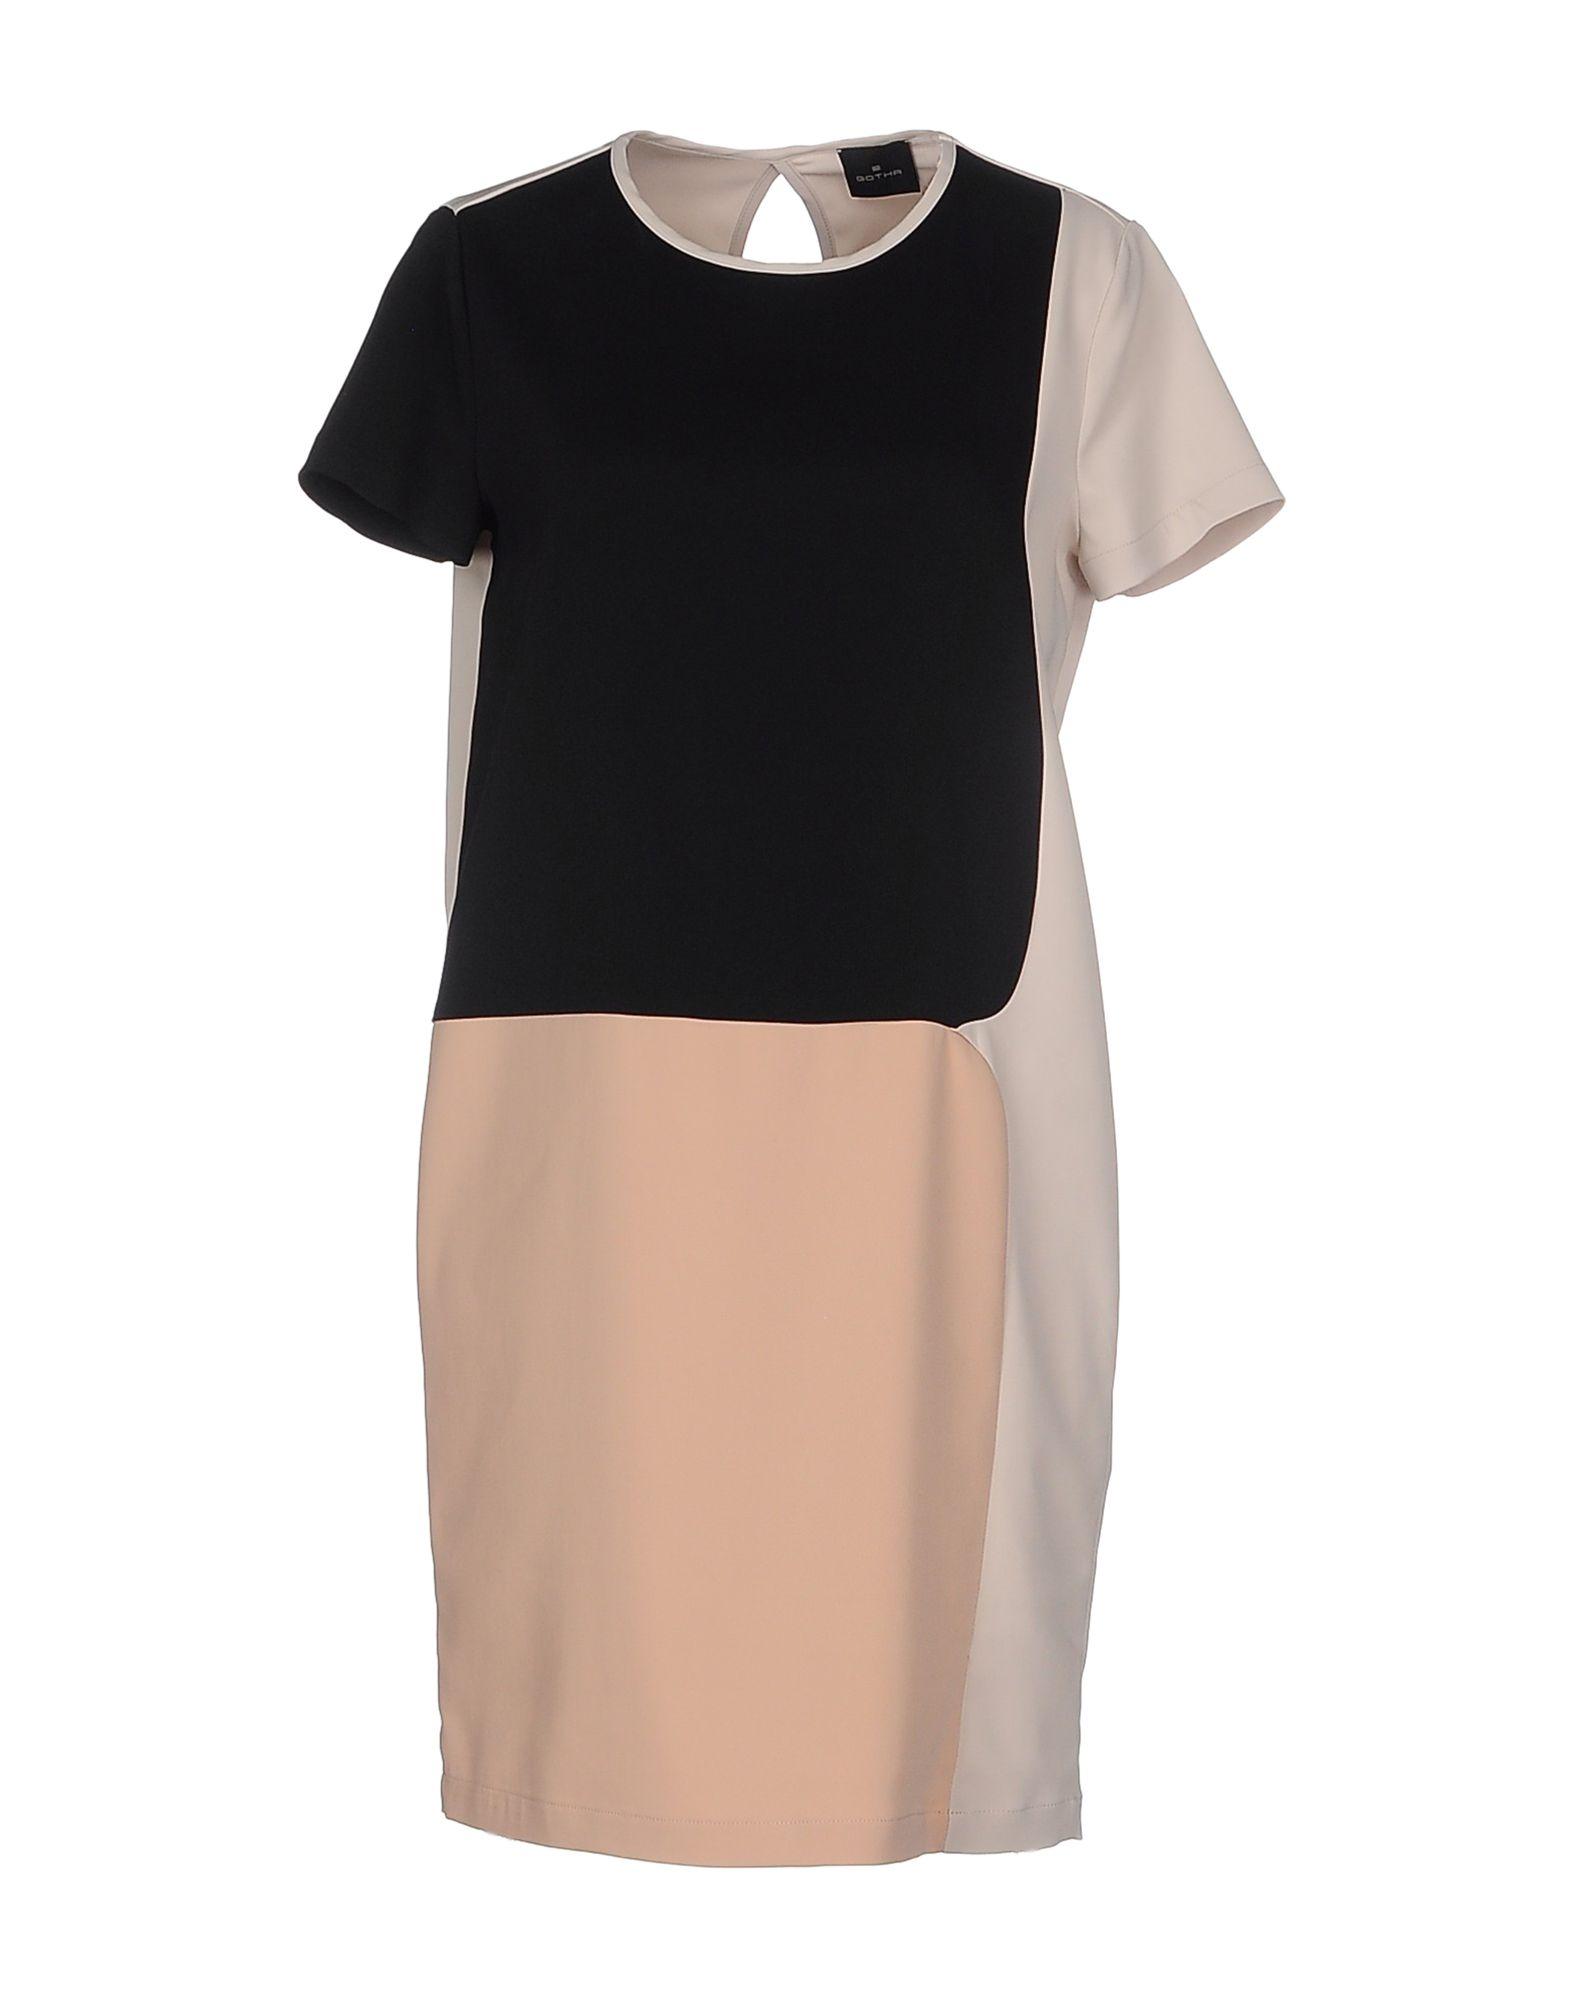 GOTHA Damen Kurzes Kleid Farbe Schwarz Größe 3